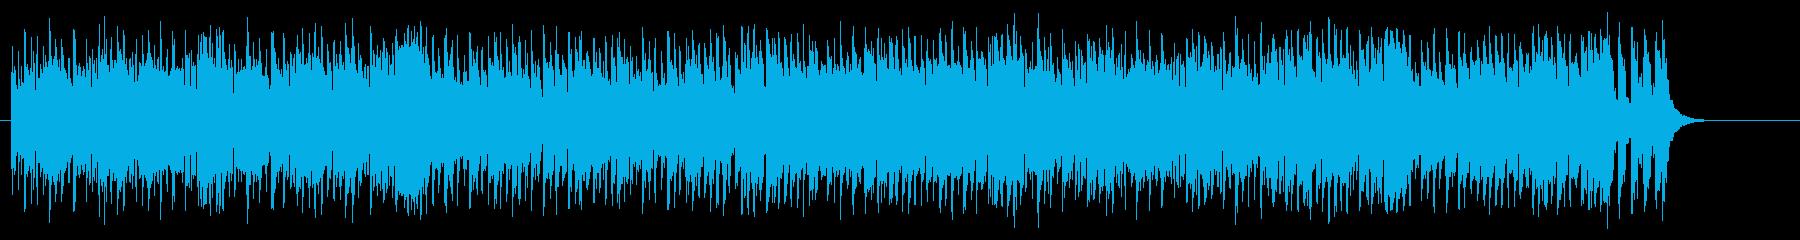 コミカル・タッチの軽快なポップスの再生済みの波形